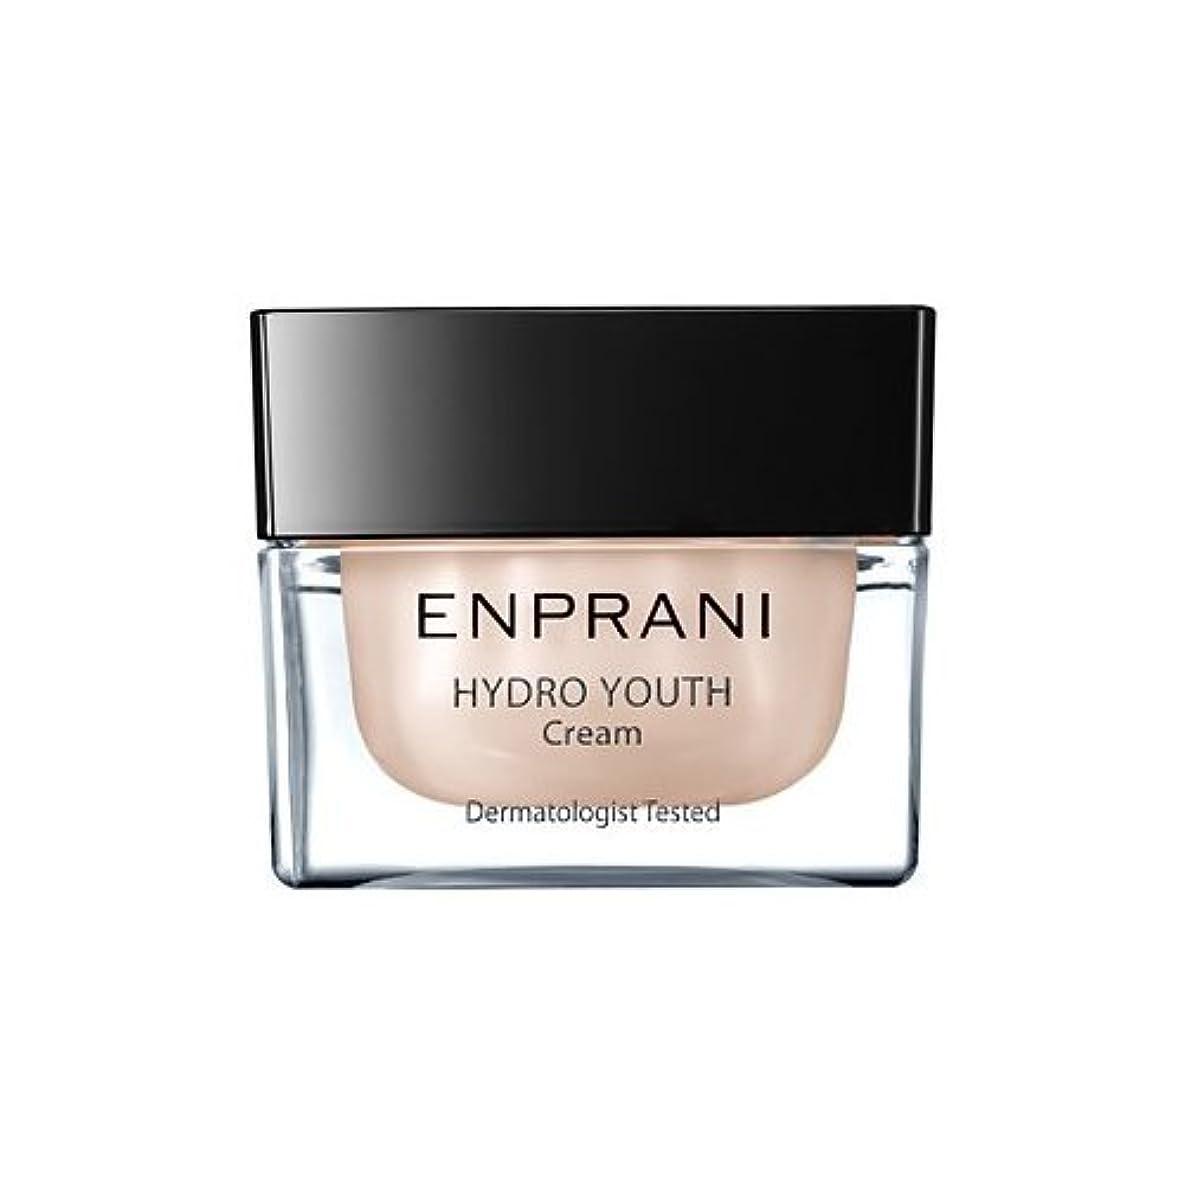 スキム詐欺崩壊Enprani Hydro Youth Cream 50ml